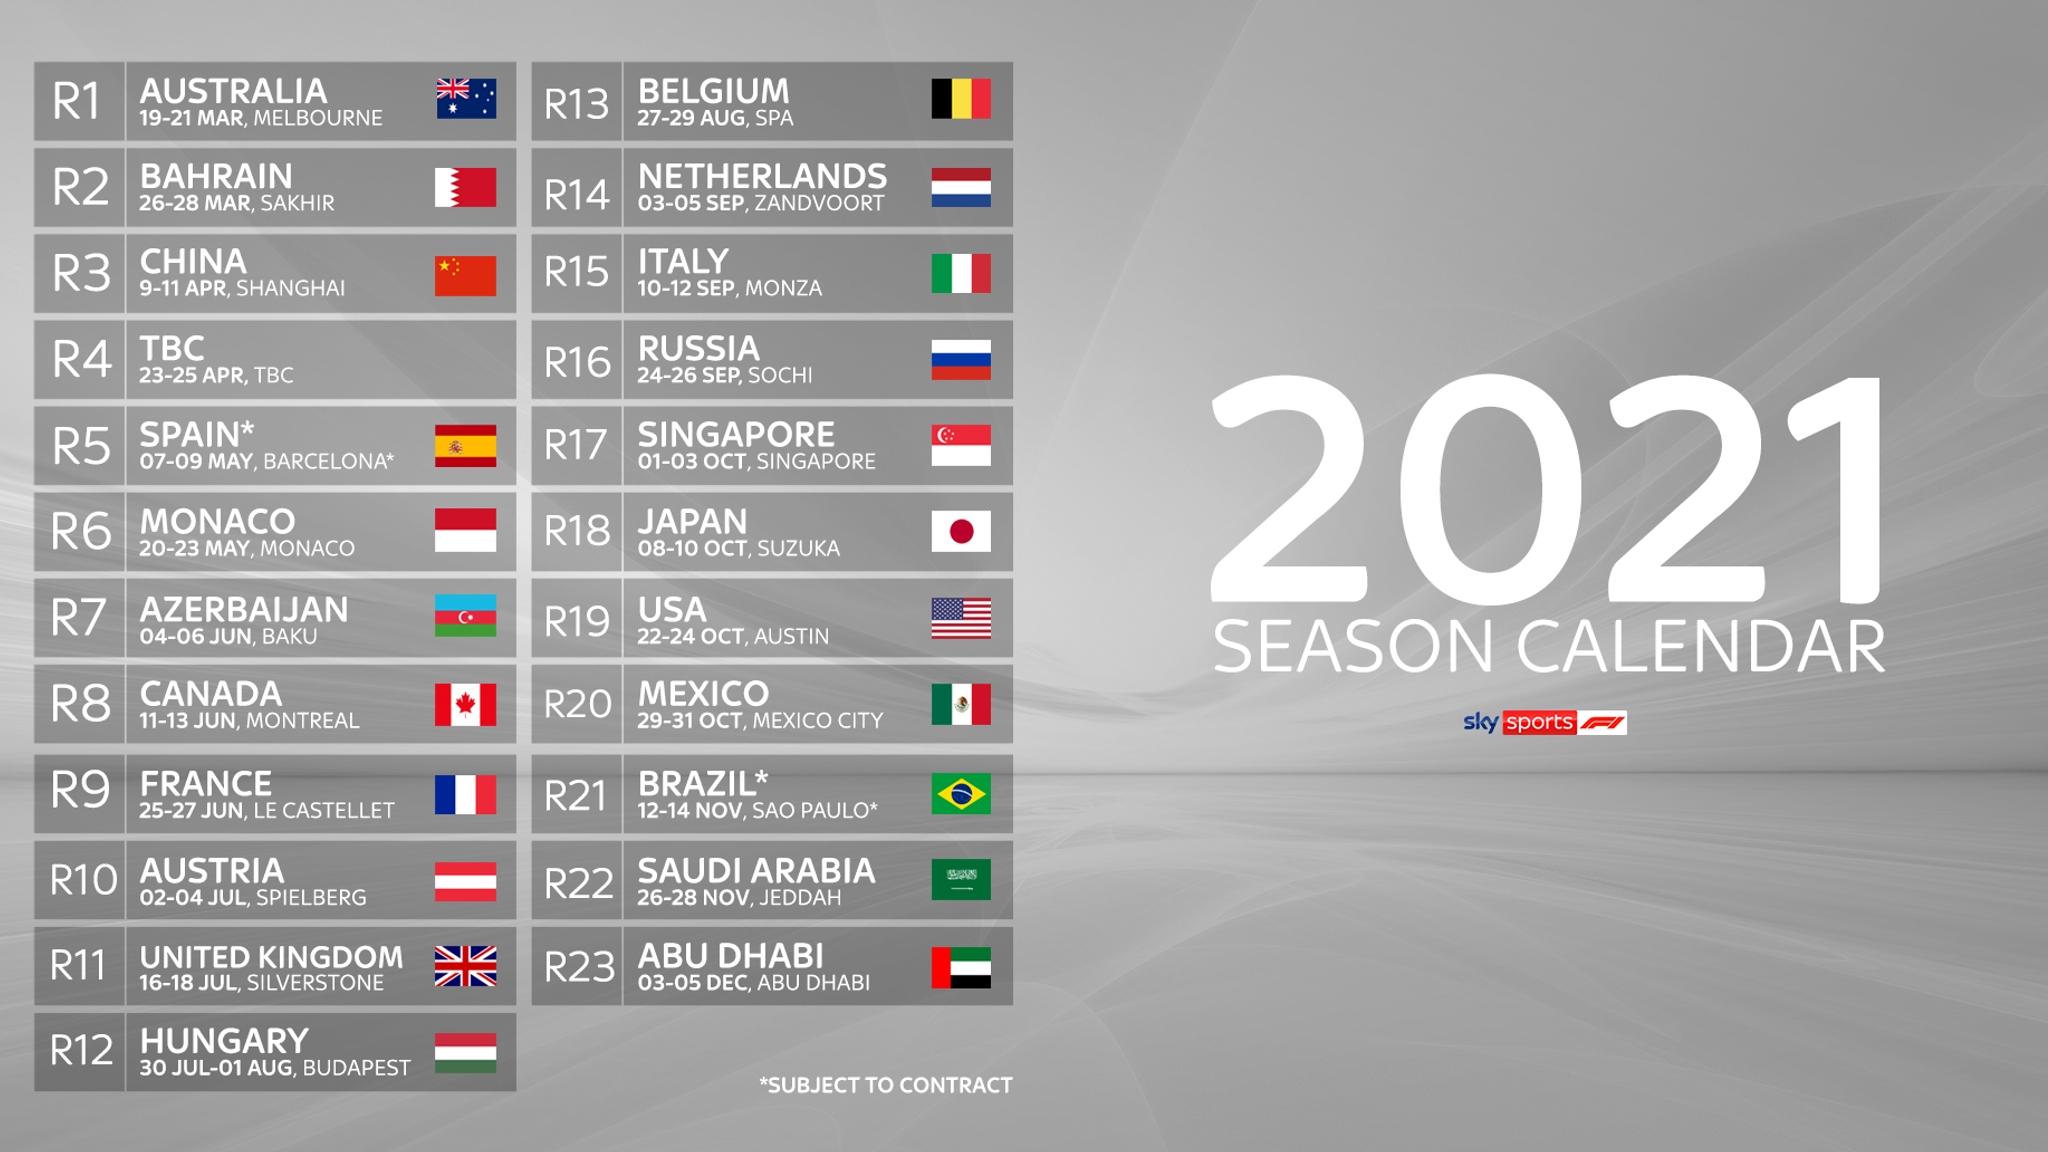 Formula 1 Reveals Record-Length Race Calendar For 2021